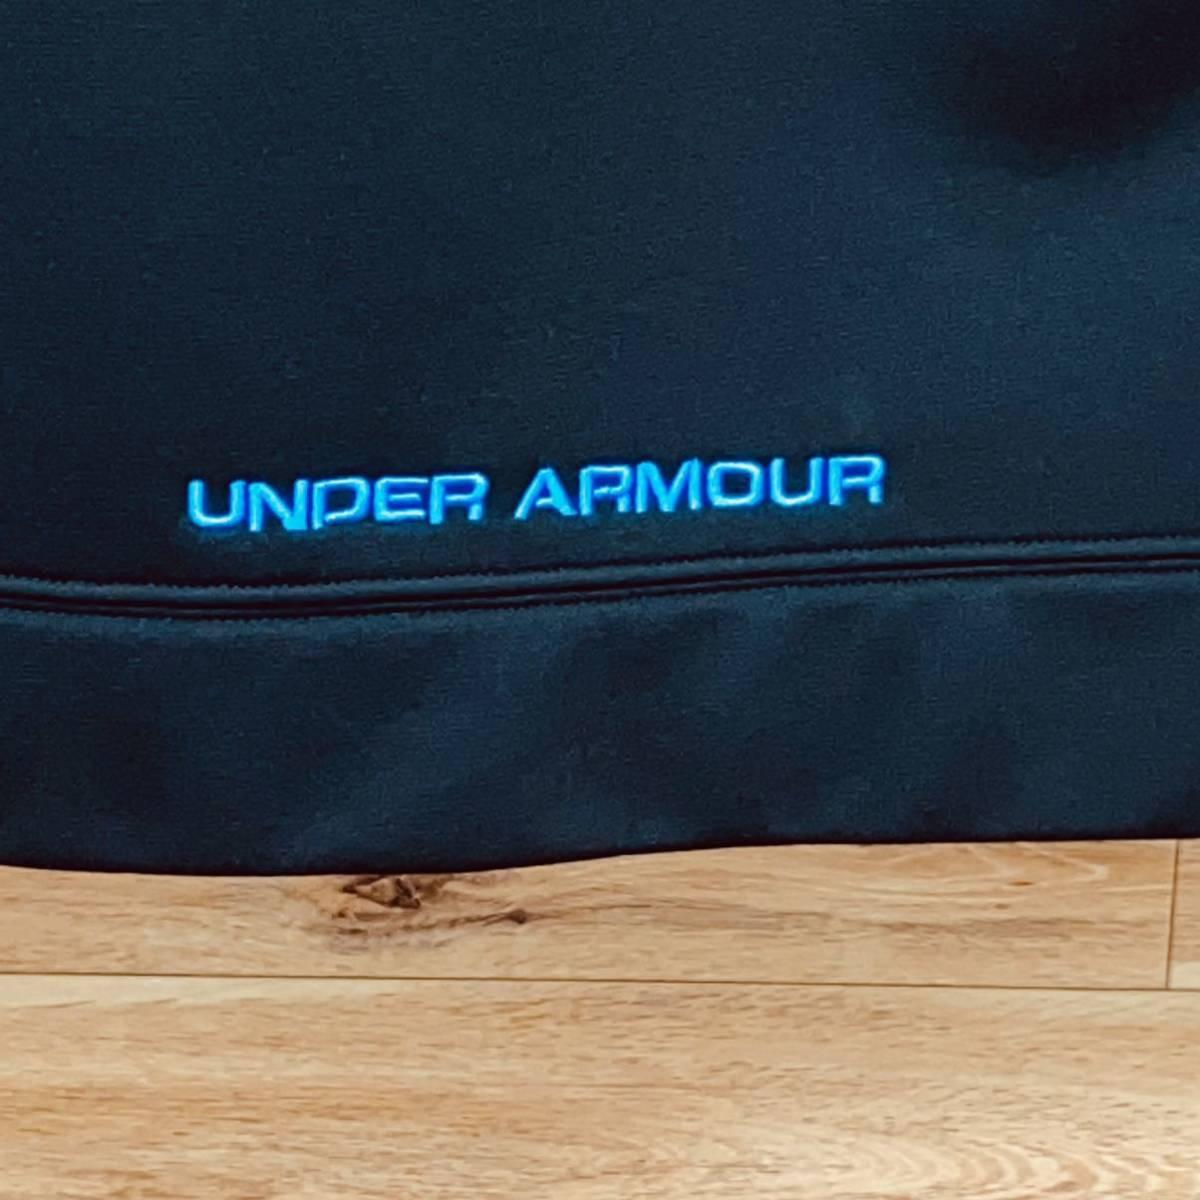 【人気ロゴ】アンダーアーマー スウェットパーカー M プルオーバー 黒 美品